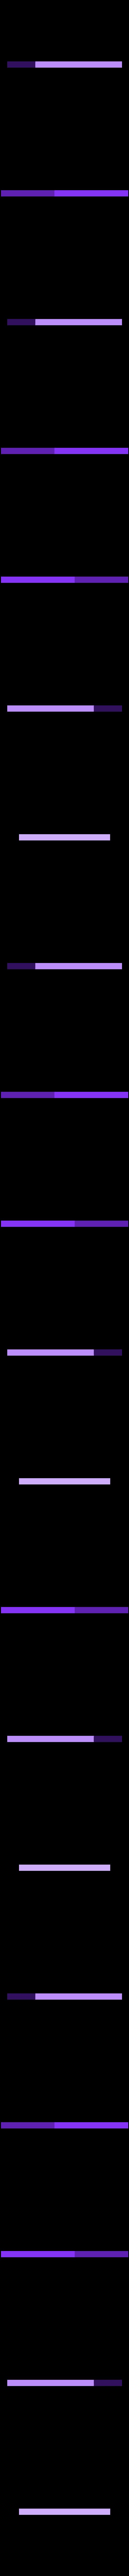 M8__test_plate.STL Télécharger fichier STL gratuit Test CAPTIVE NUTS • Design imprimable en 3D, daGHIZmo